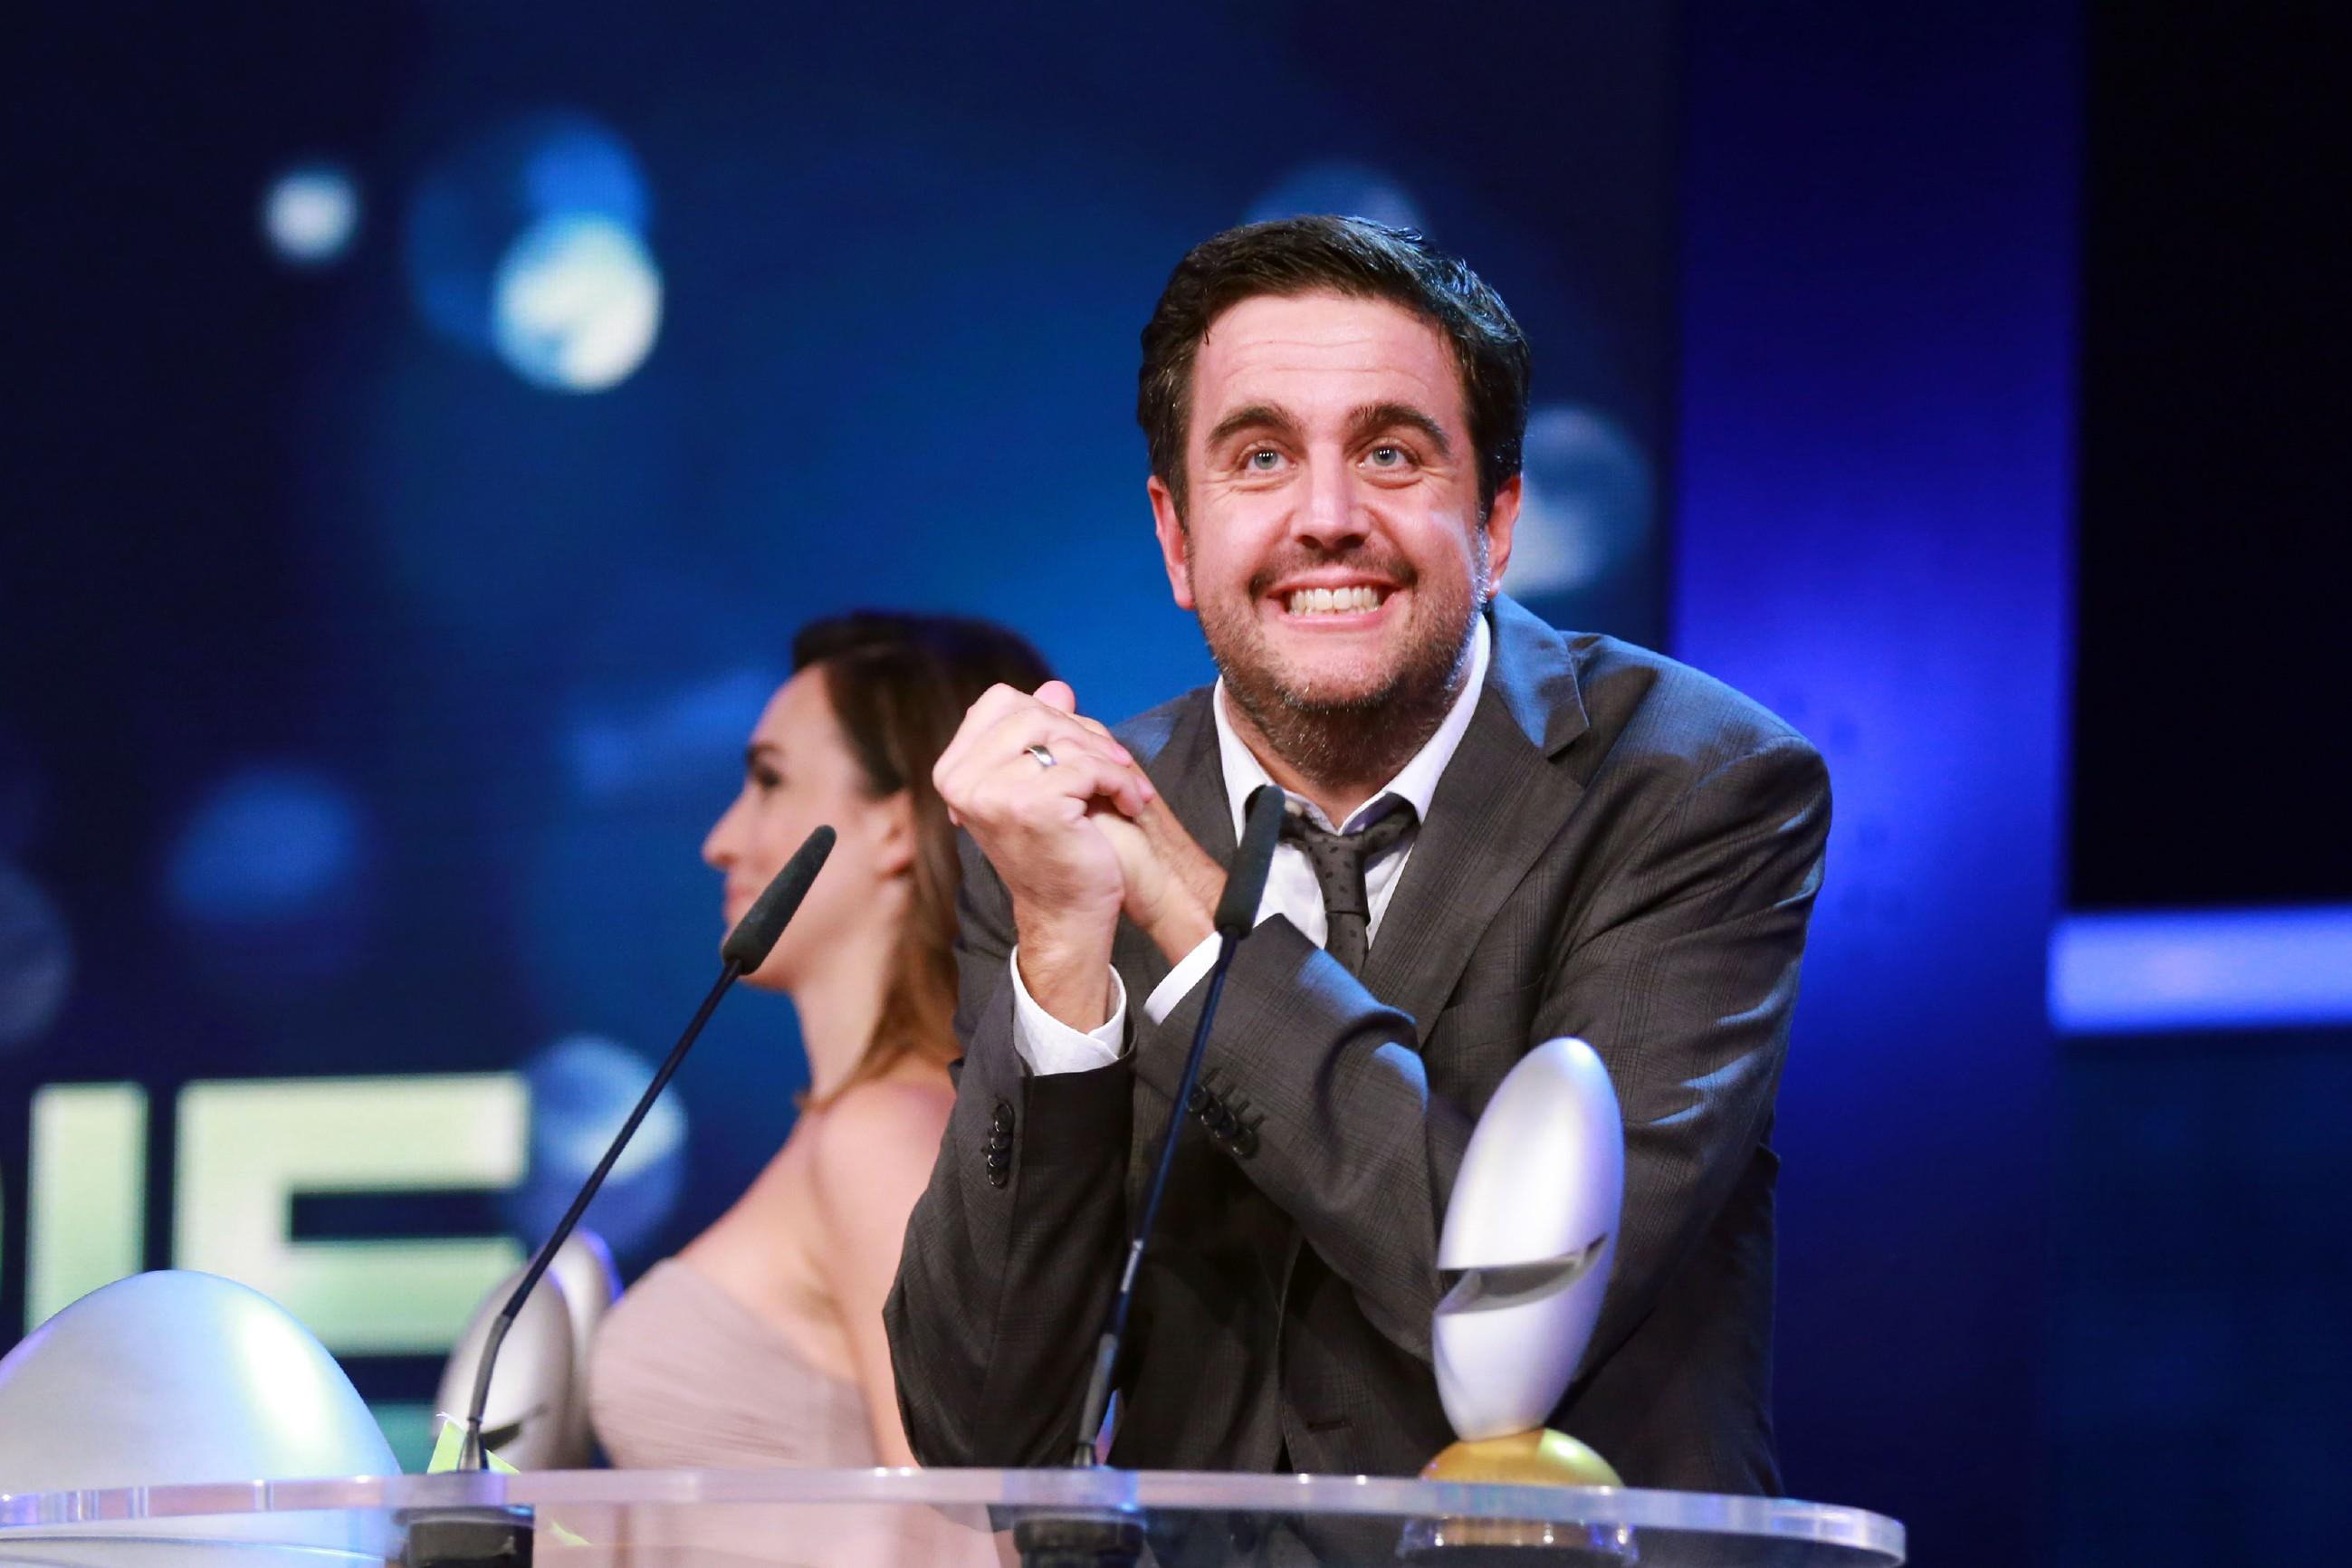 Der Deutsche Comedypreis 2015 - Bastian Pastewka